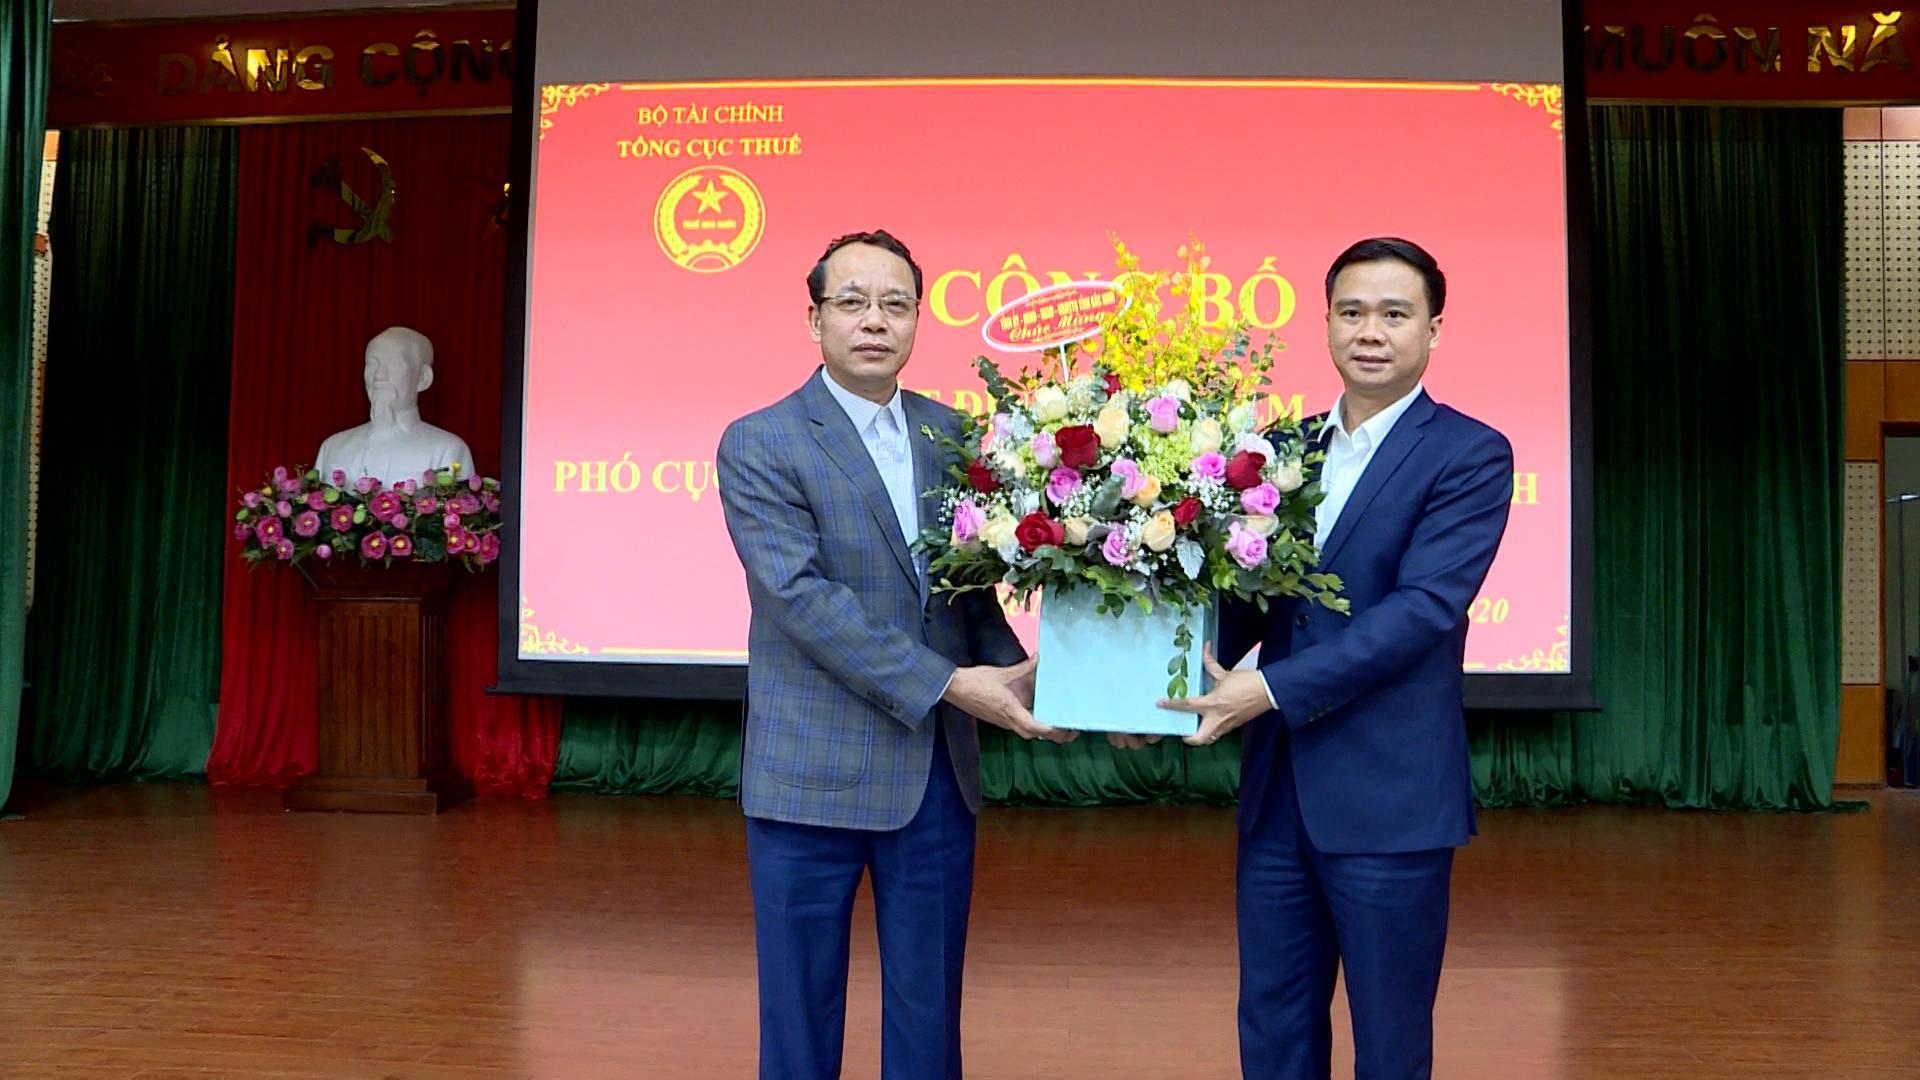 Công bố Quyết định bổ nhiệm Phó Cục trưởng Cục Thuế tỉnh Bắc Ninh